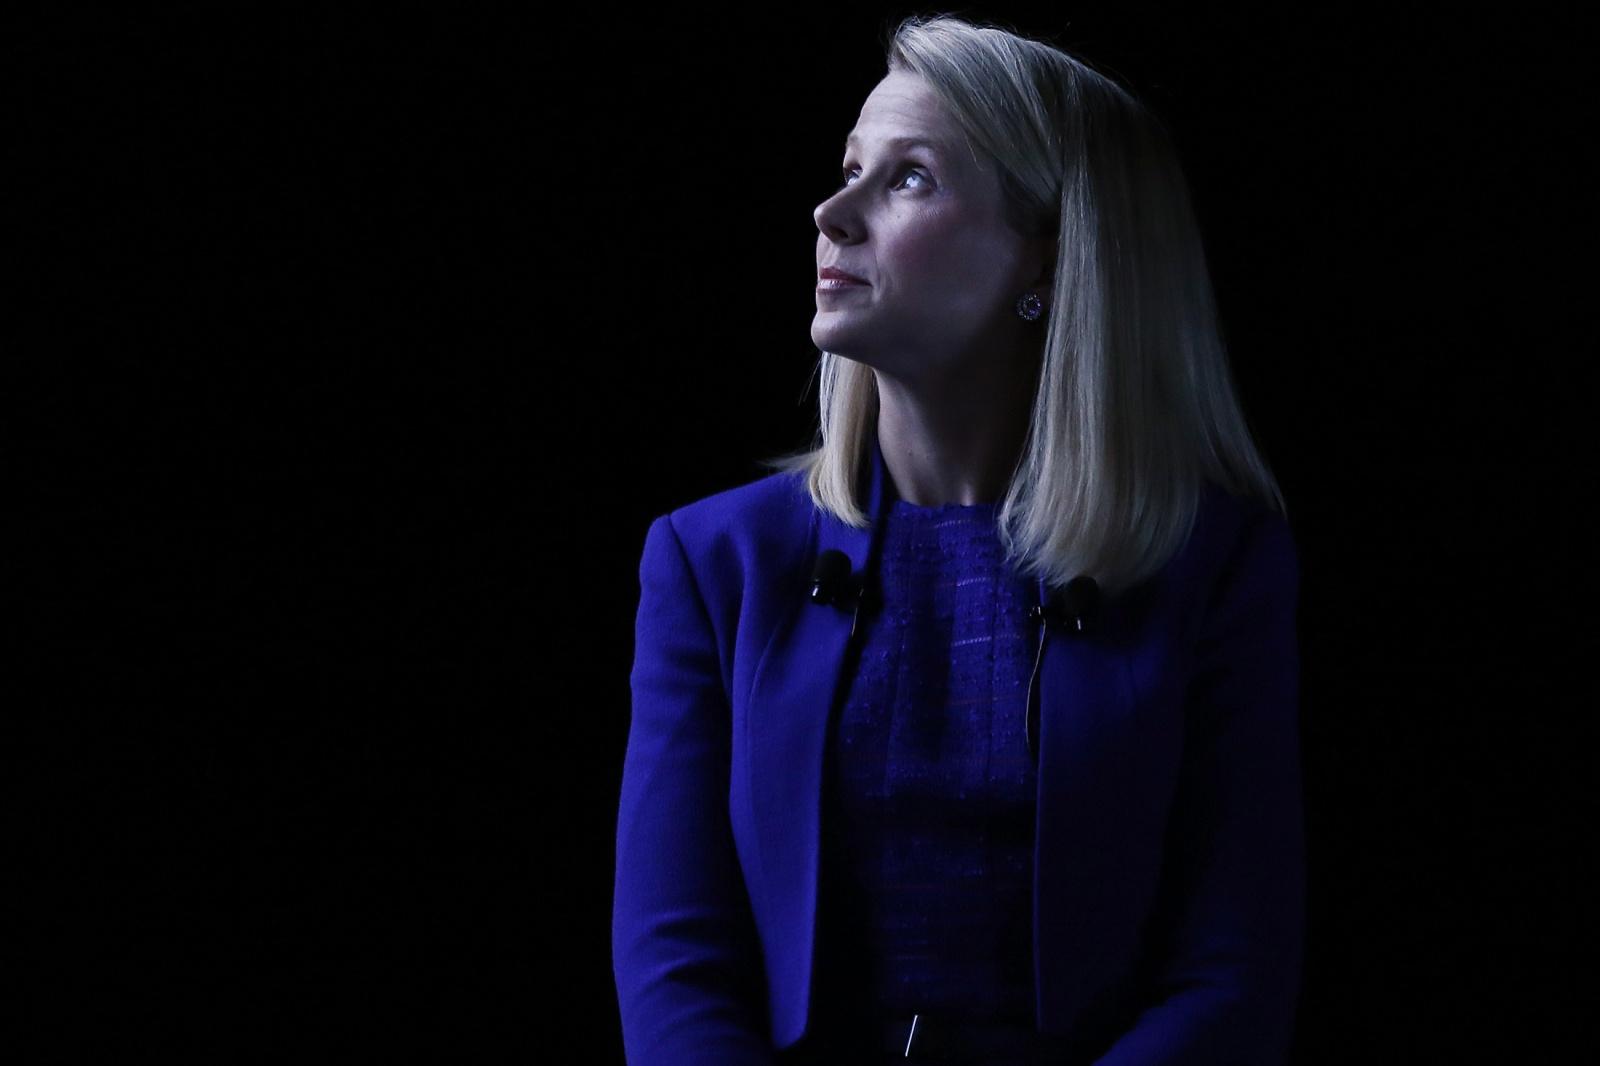 Verizon хочет отказаться от сделки с Yahoo из-за утечки данных пользователей - 2